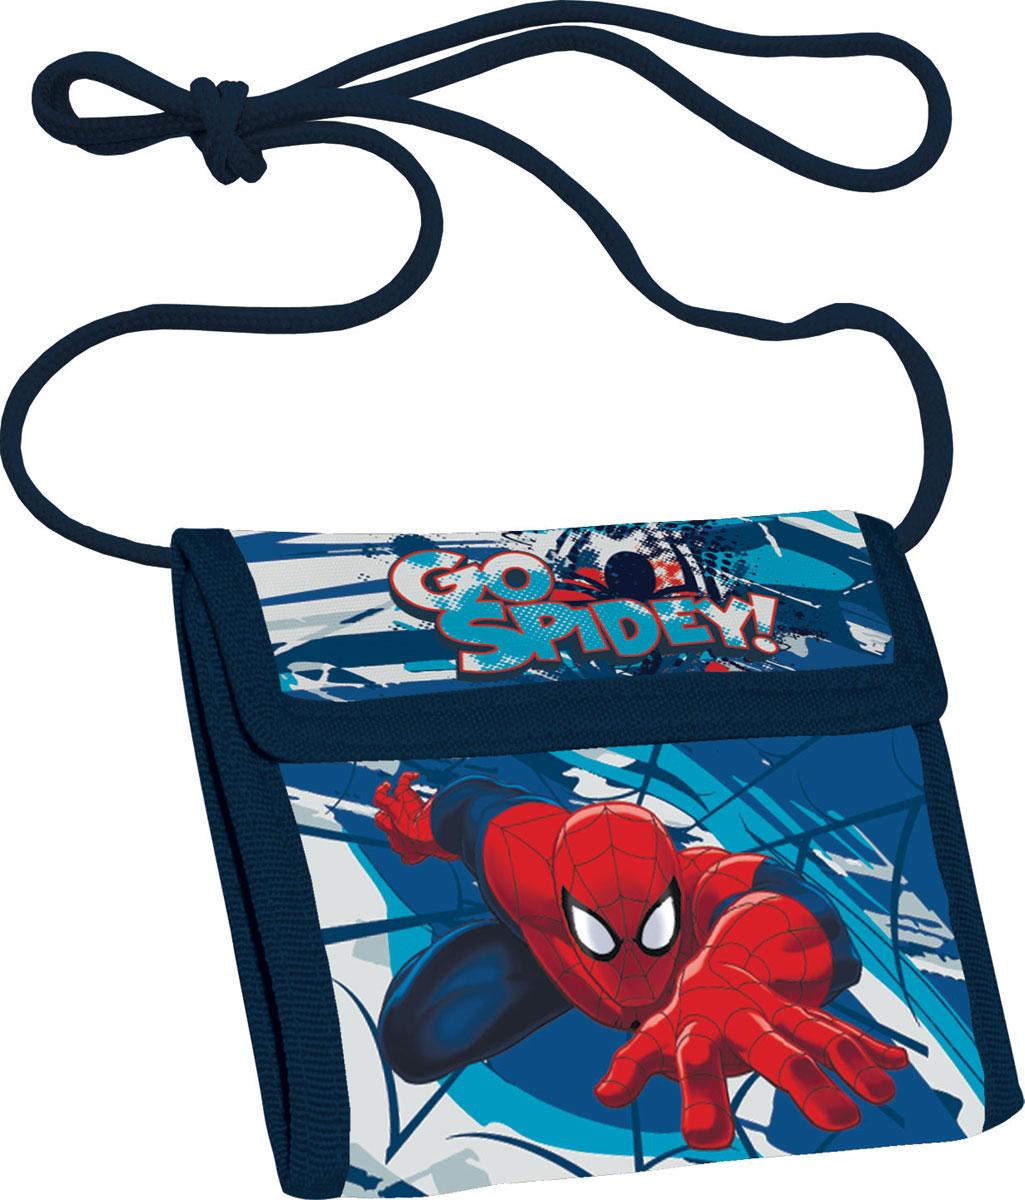 Кошелек детский Spider-Man, цвет: синийW16-11135_914Яркий детский кошелек Spider-Man выполнен из полиэстера и оформлен красочным рисунком. Внутри кошелек оснащен отделением для денежных купюр и карманом на застежке-молнии. Кошелек складывается втрое и закрывается широким клапаном на липучку. На внутренней стороне предусмотрен шнурок, с помощью которого изделие можно носить через плечо или на шее.Кошелек Spider-Man станет надежным спутником для вашего ребенка!